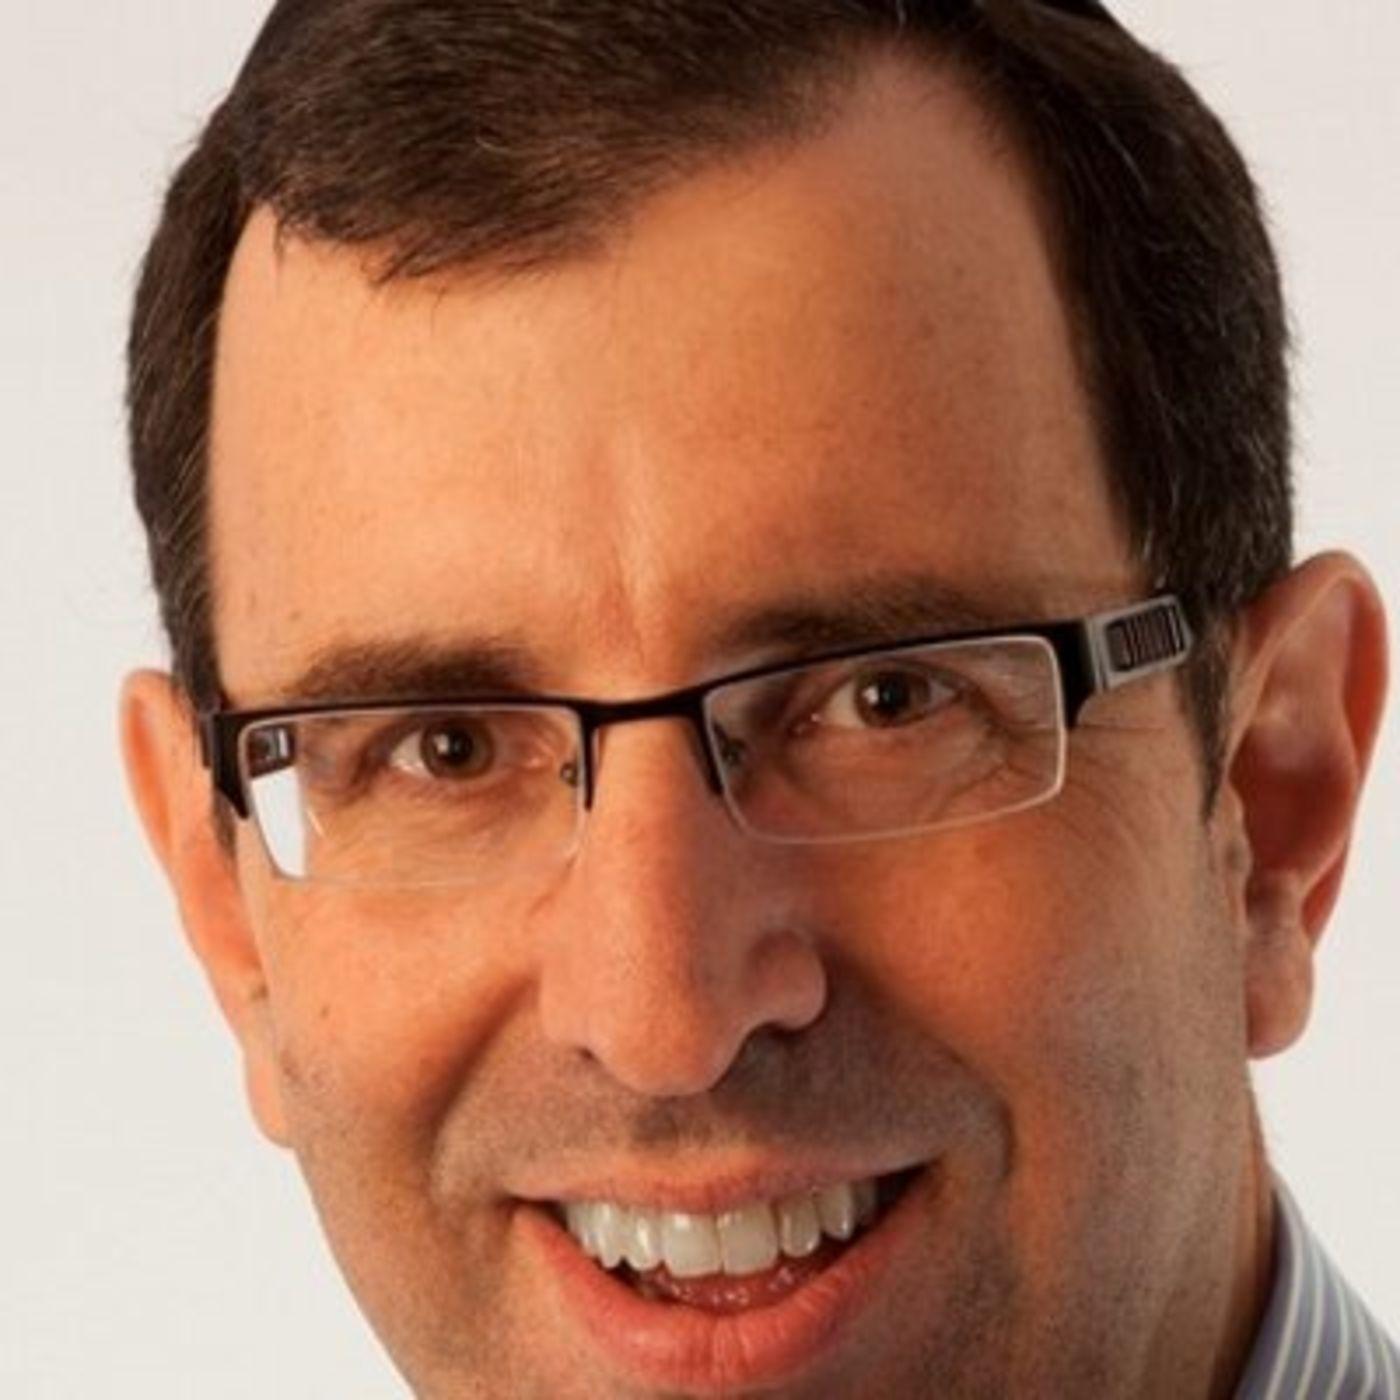 #14 - Ben Rothke, Senior Security Consultant, Nettitude - Securing Small-Medium Business